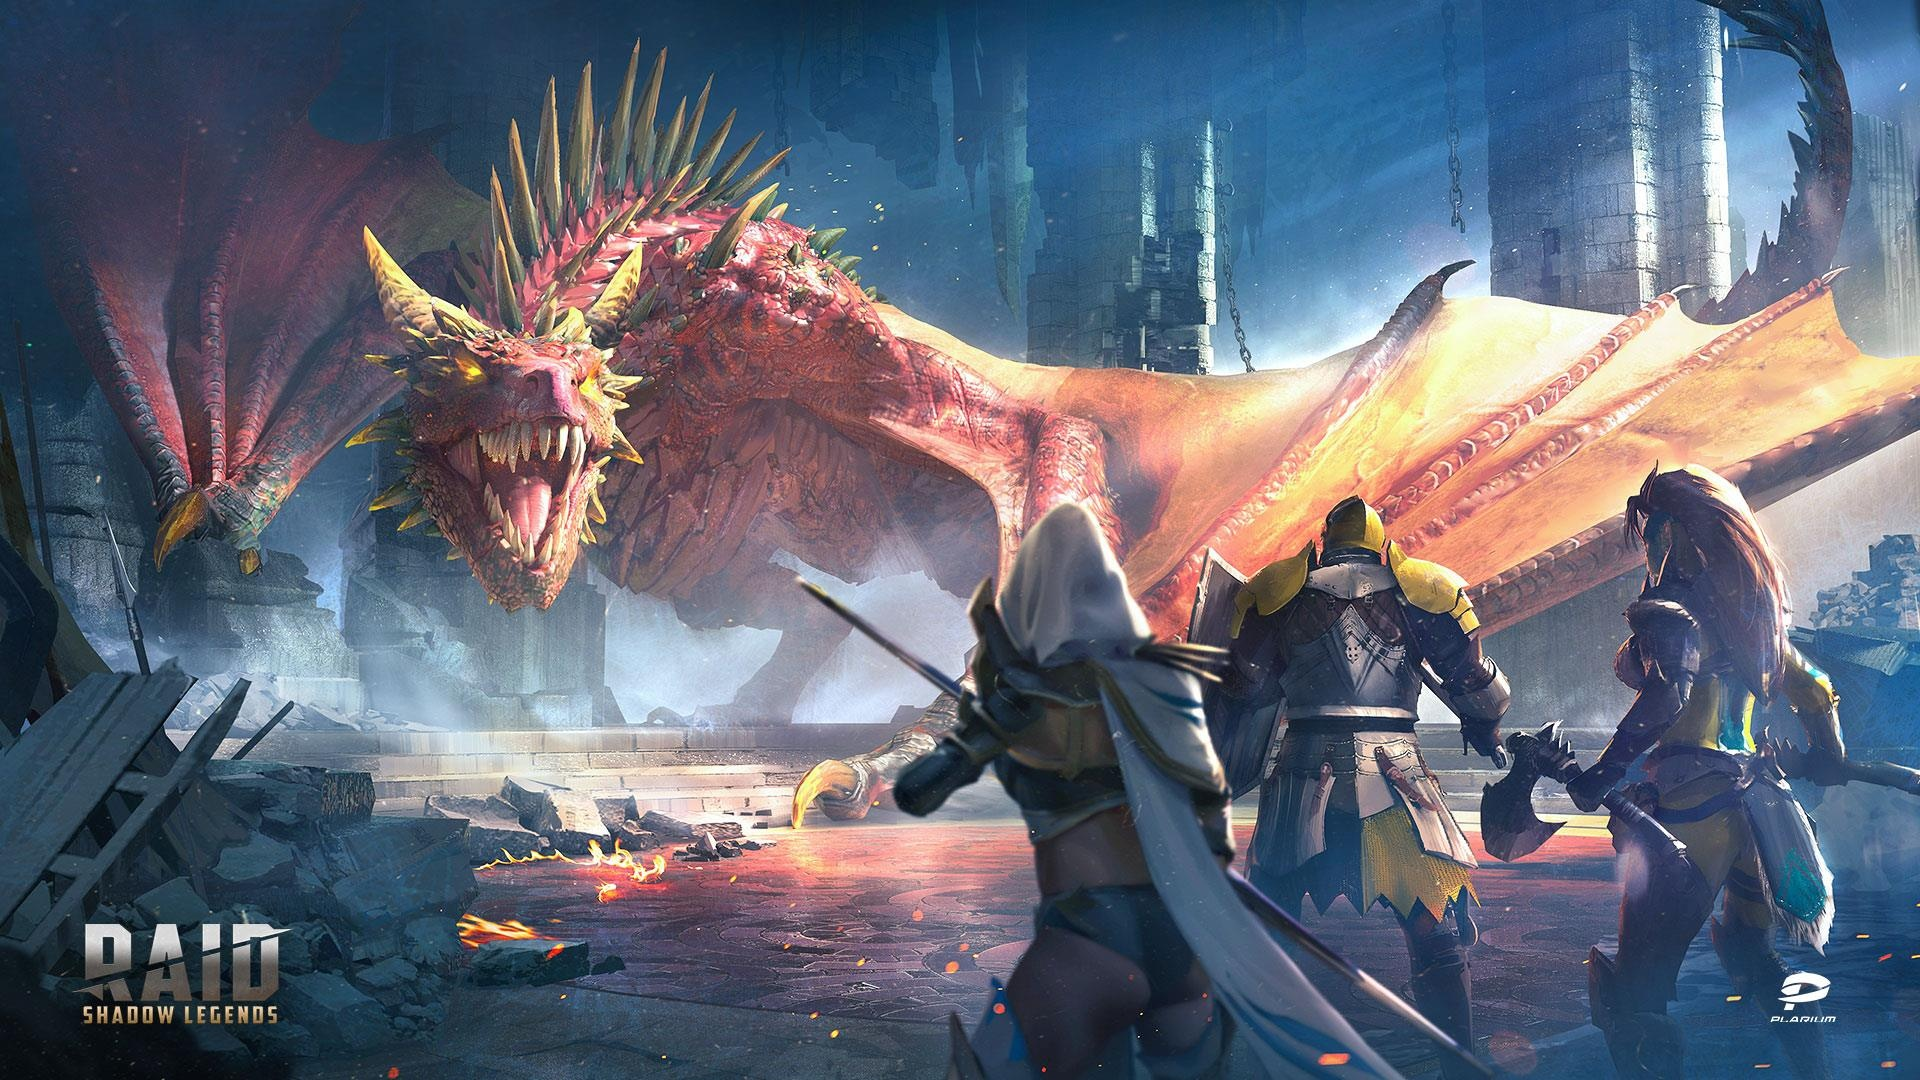 Raid Shadow Legends pc wallpaper